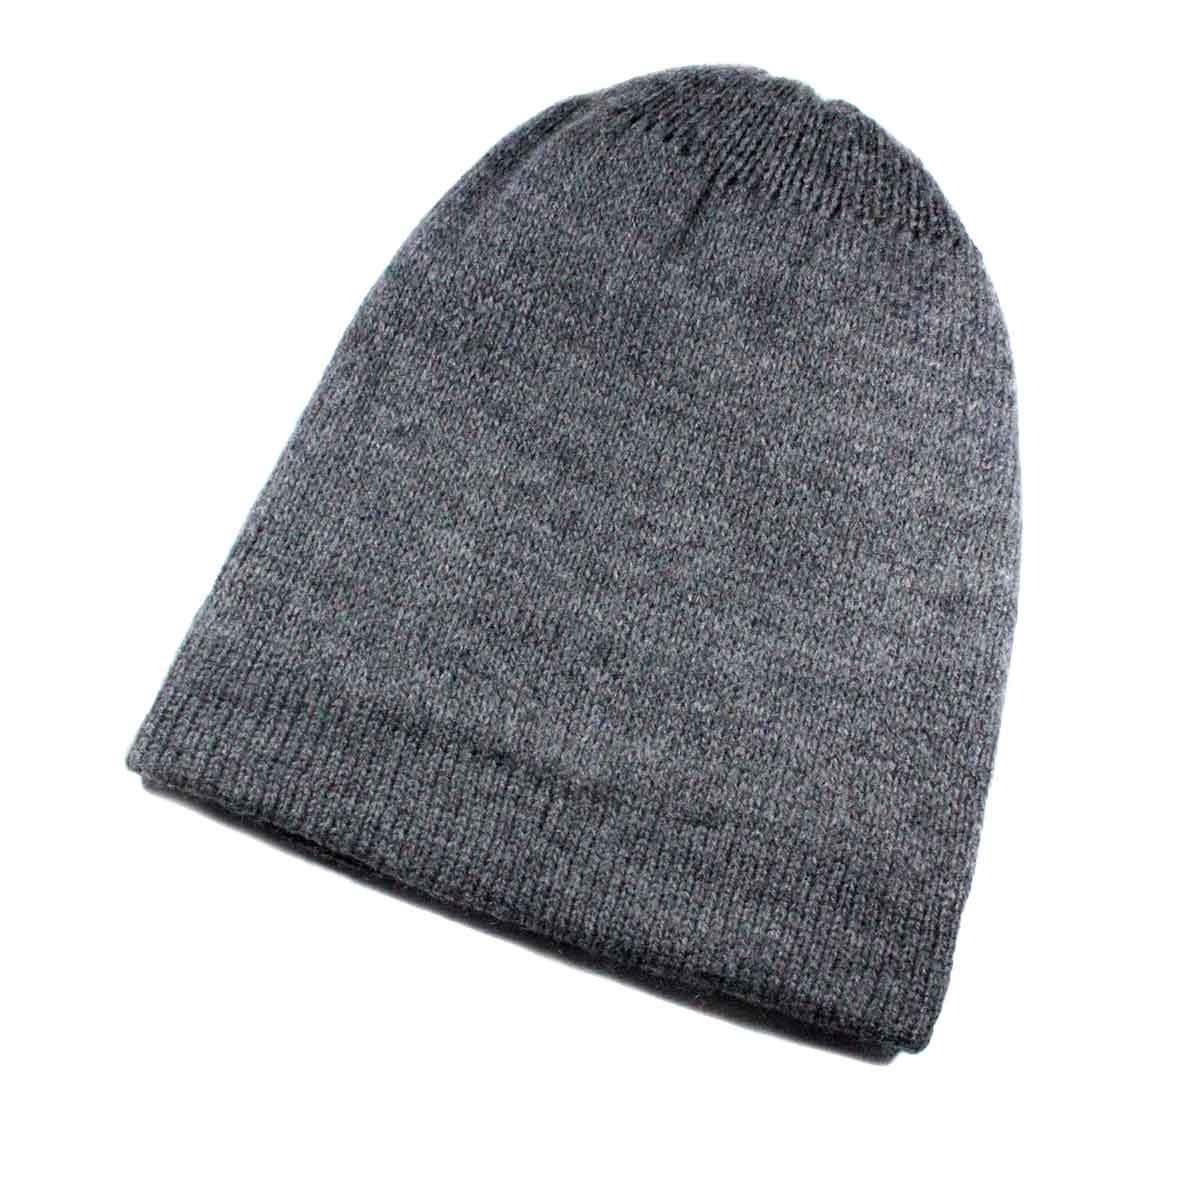 Inka-Products-Bonnet Réversible Alpaga-Gris et Noir-2